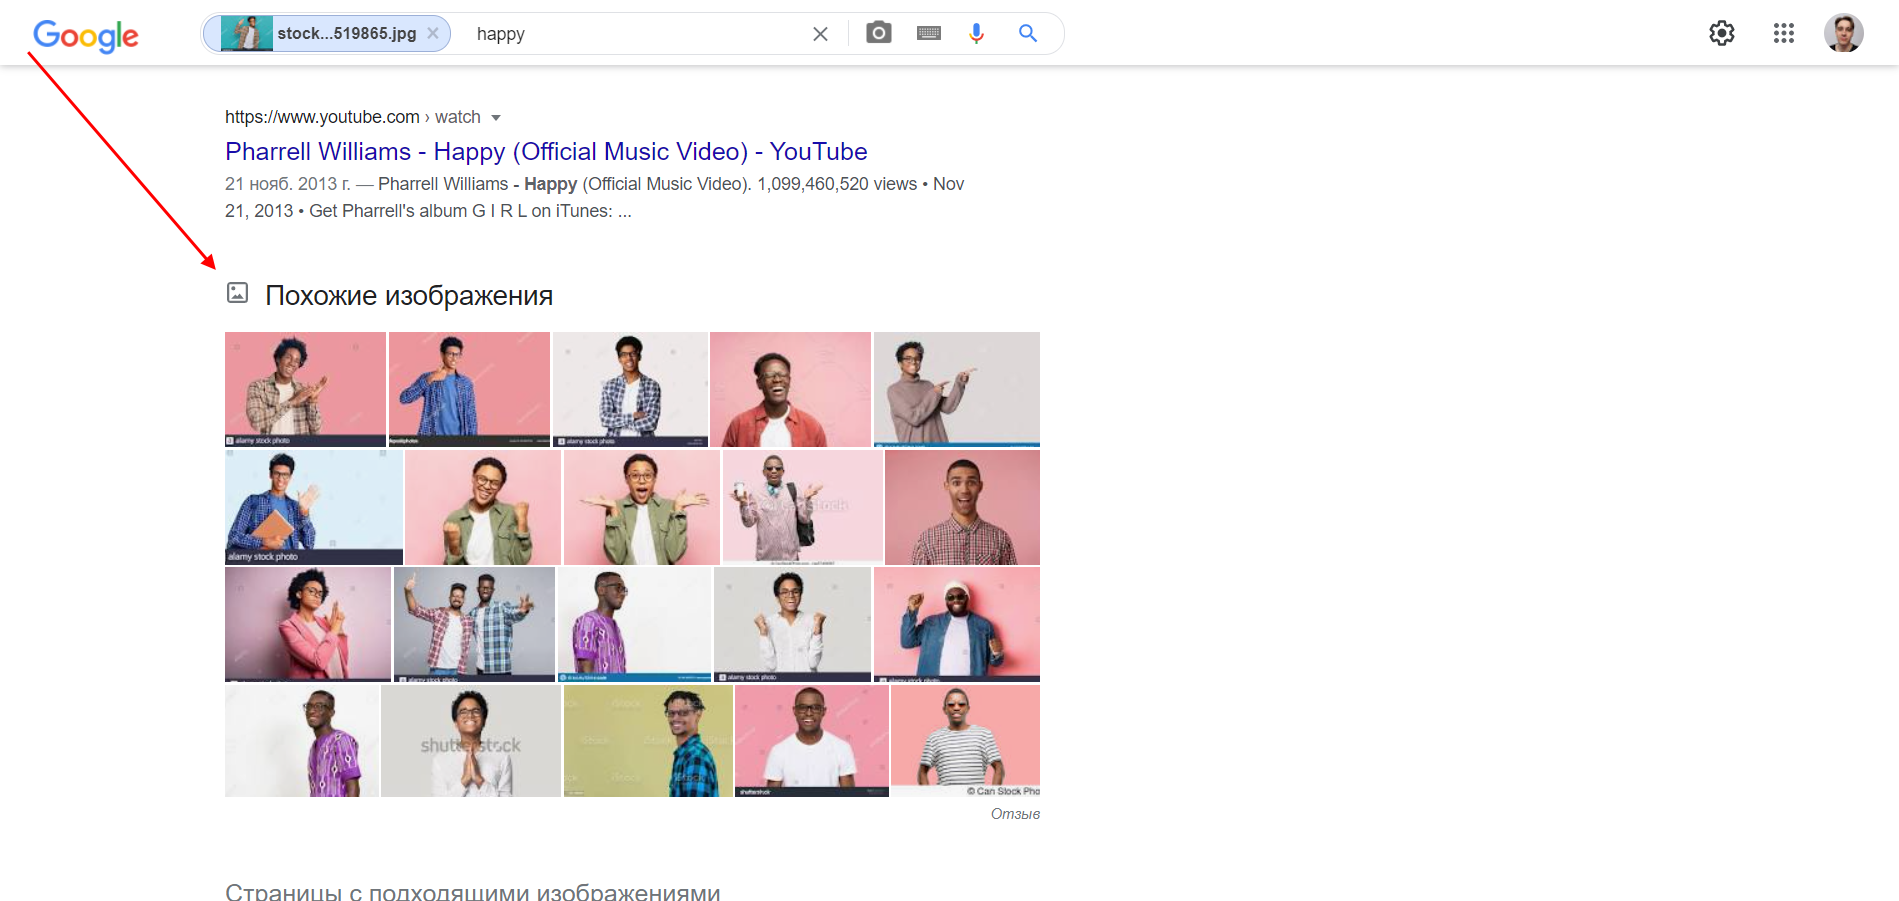 Как использовать поиск по картинке в Google